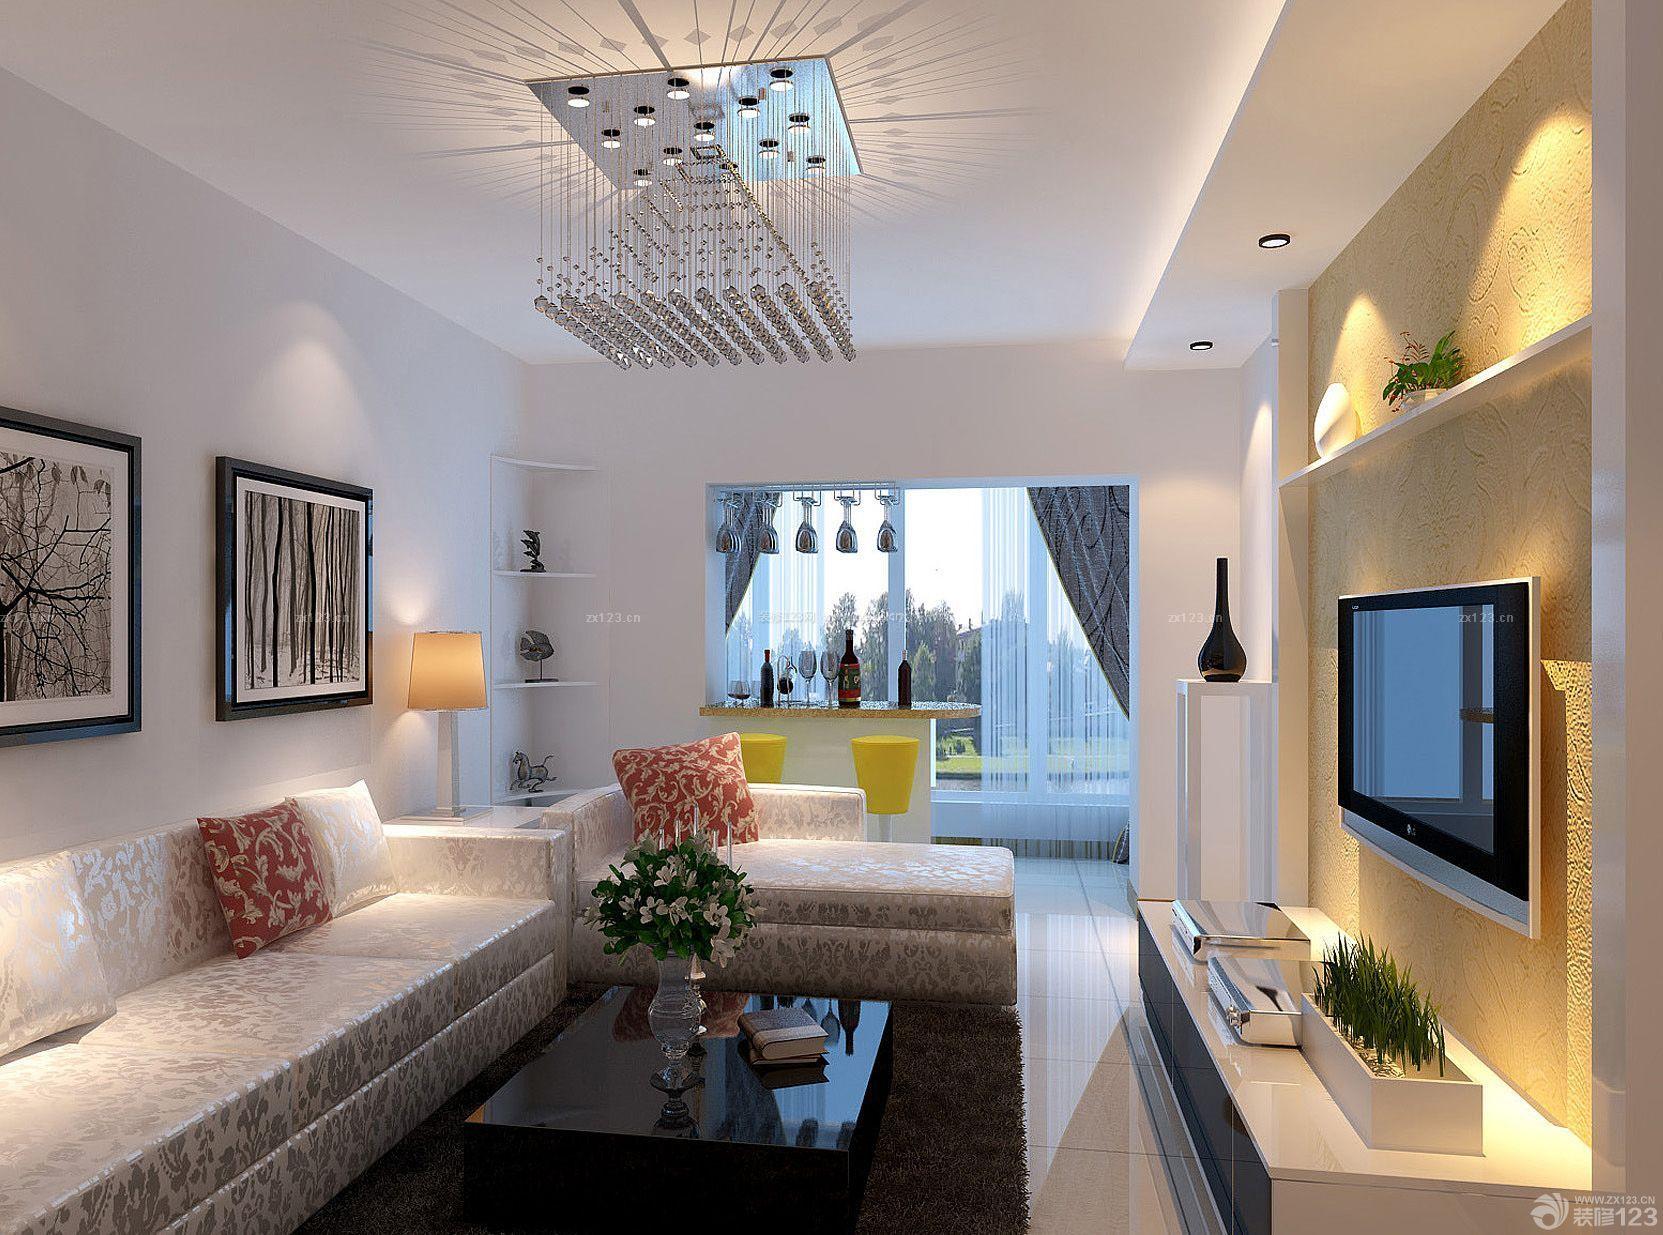 60平米两室一厅小户型客厅家具装修效果图